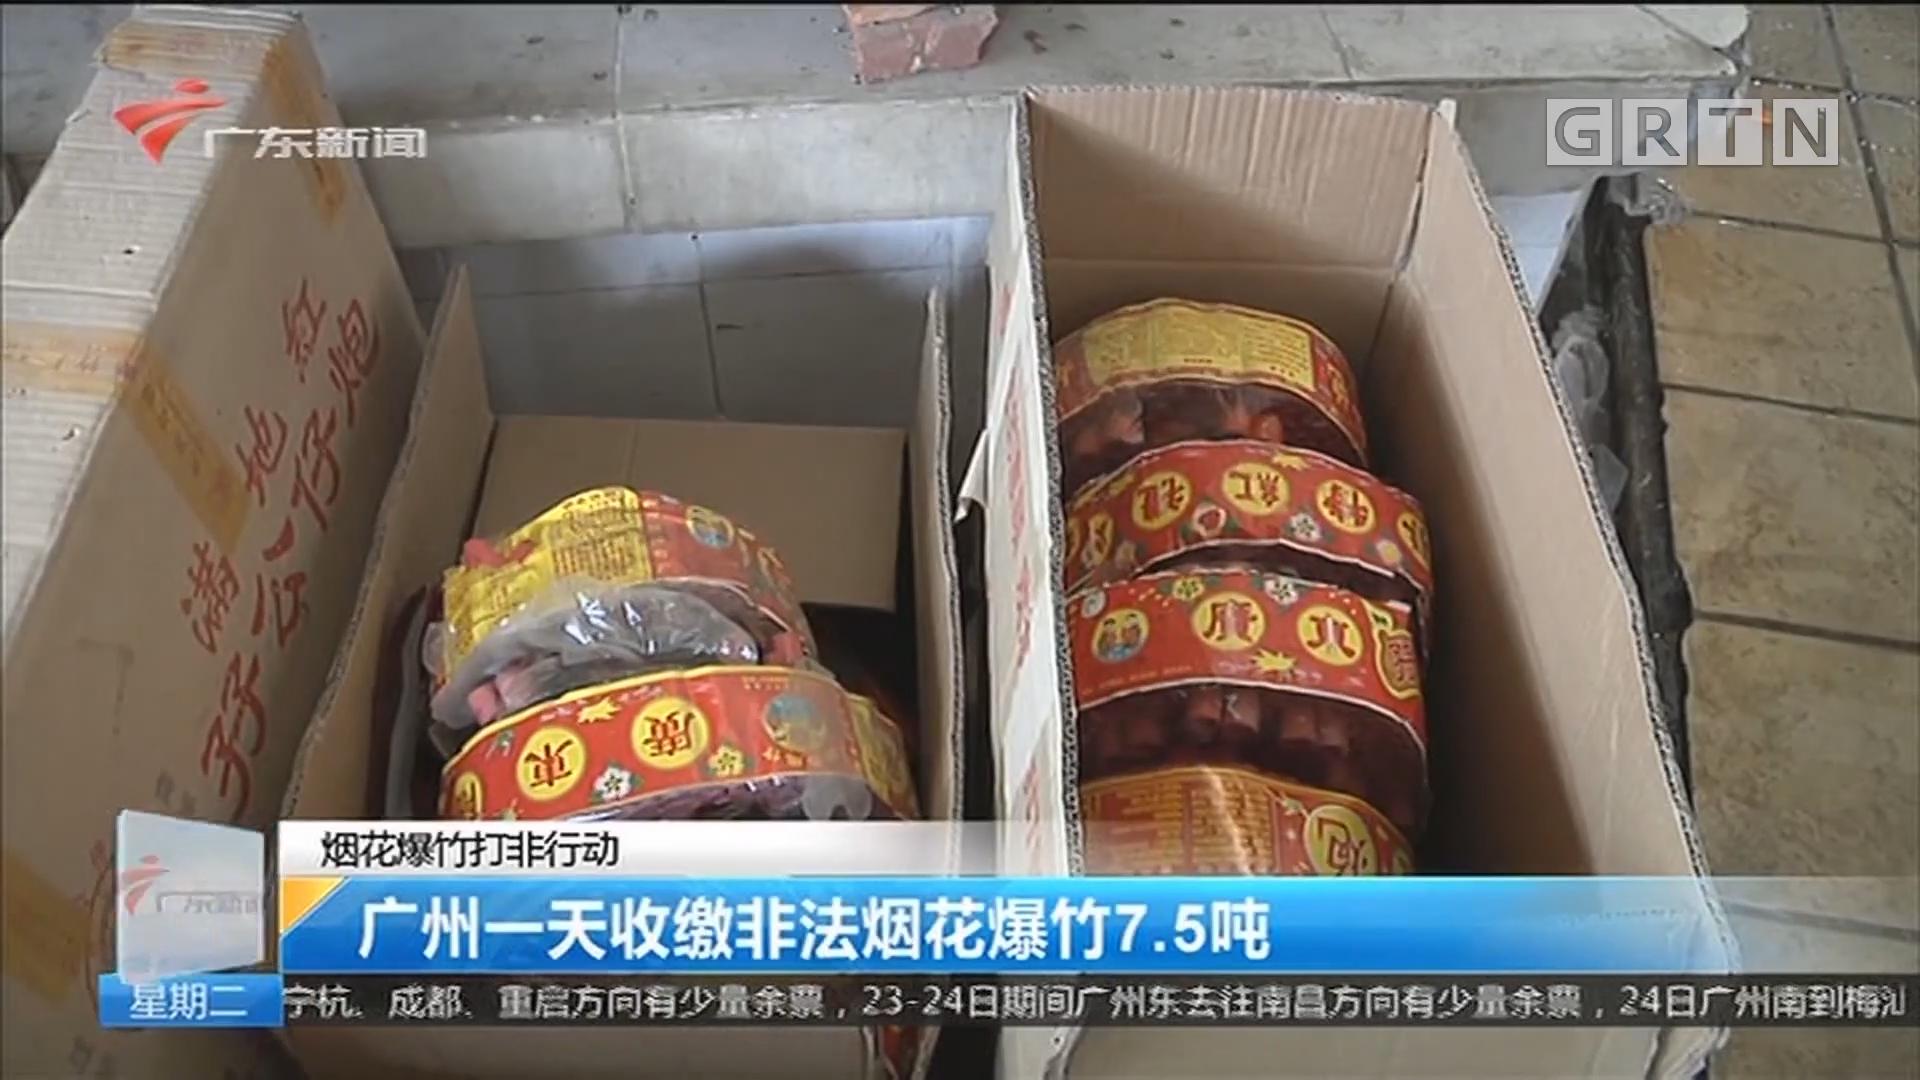 烟花爆竹打非行动 广州一天收缴非法烟花爆竹7.5吨